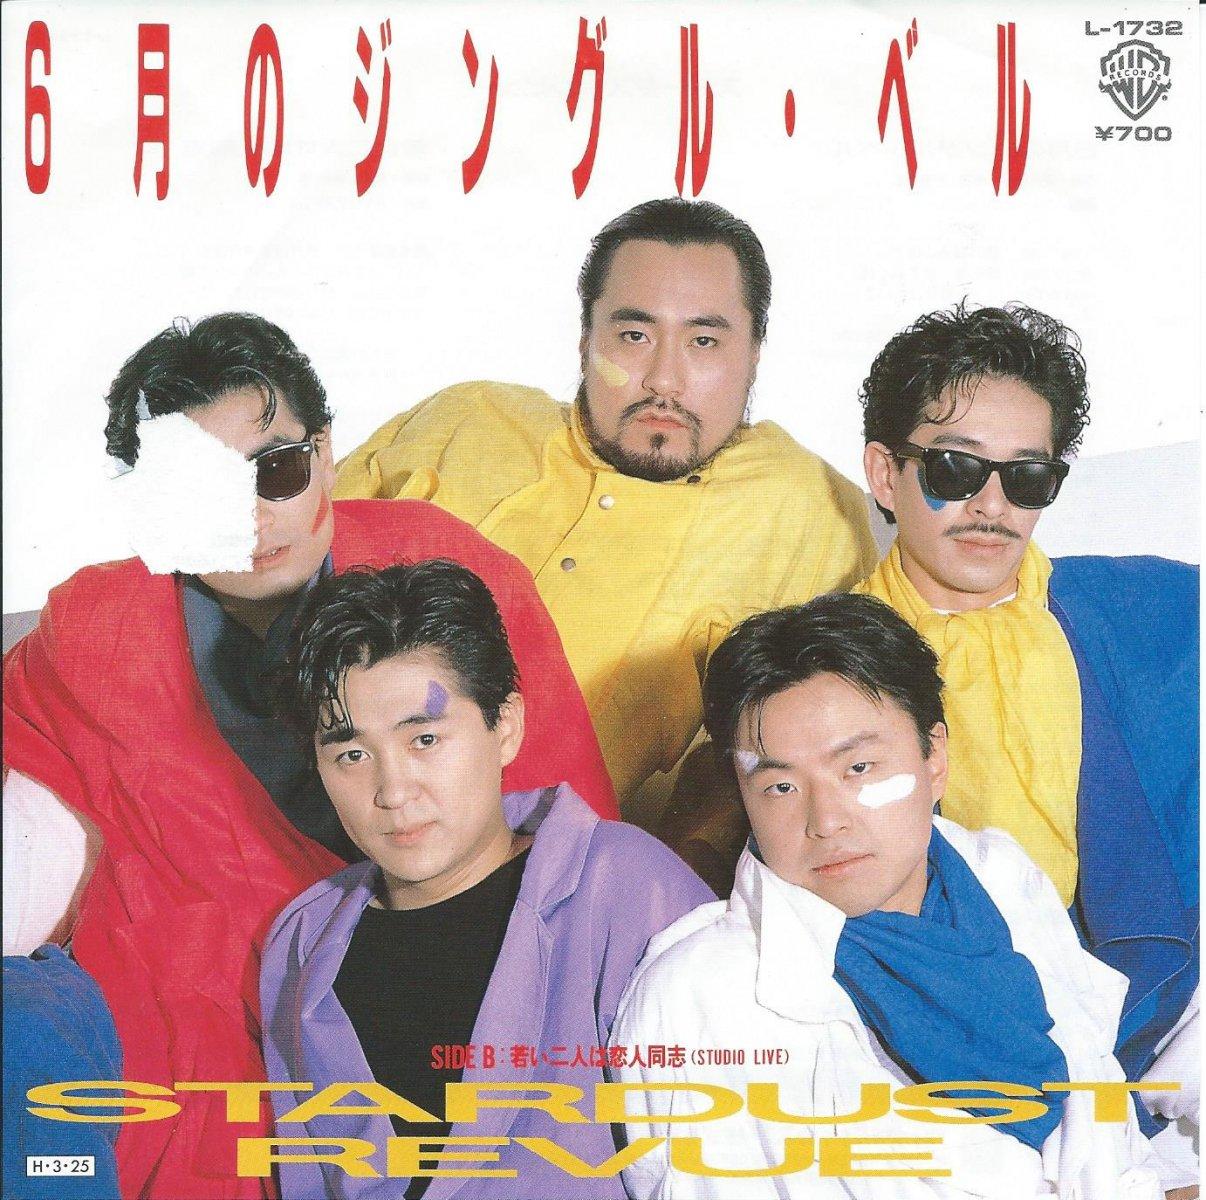 スターダスト・レビュー STARDUST REVUE / 6月のジングル・ベル (7